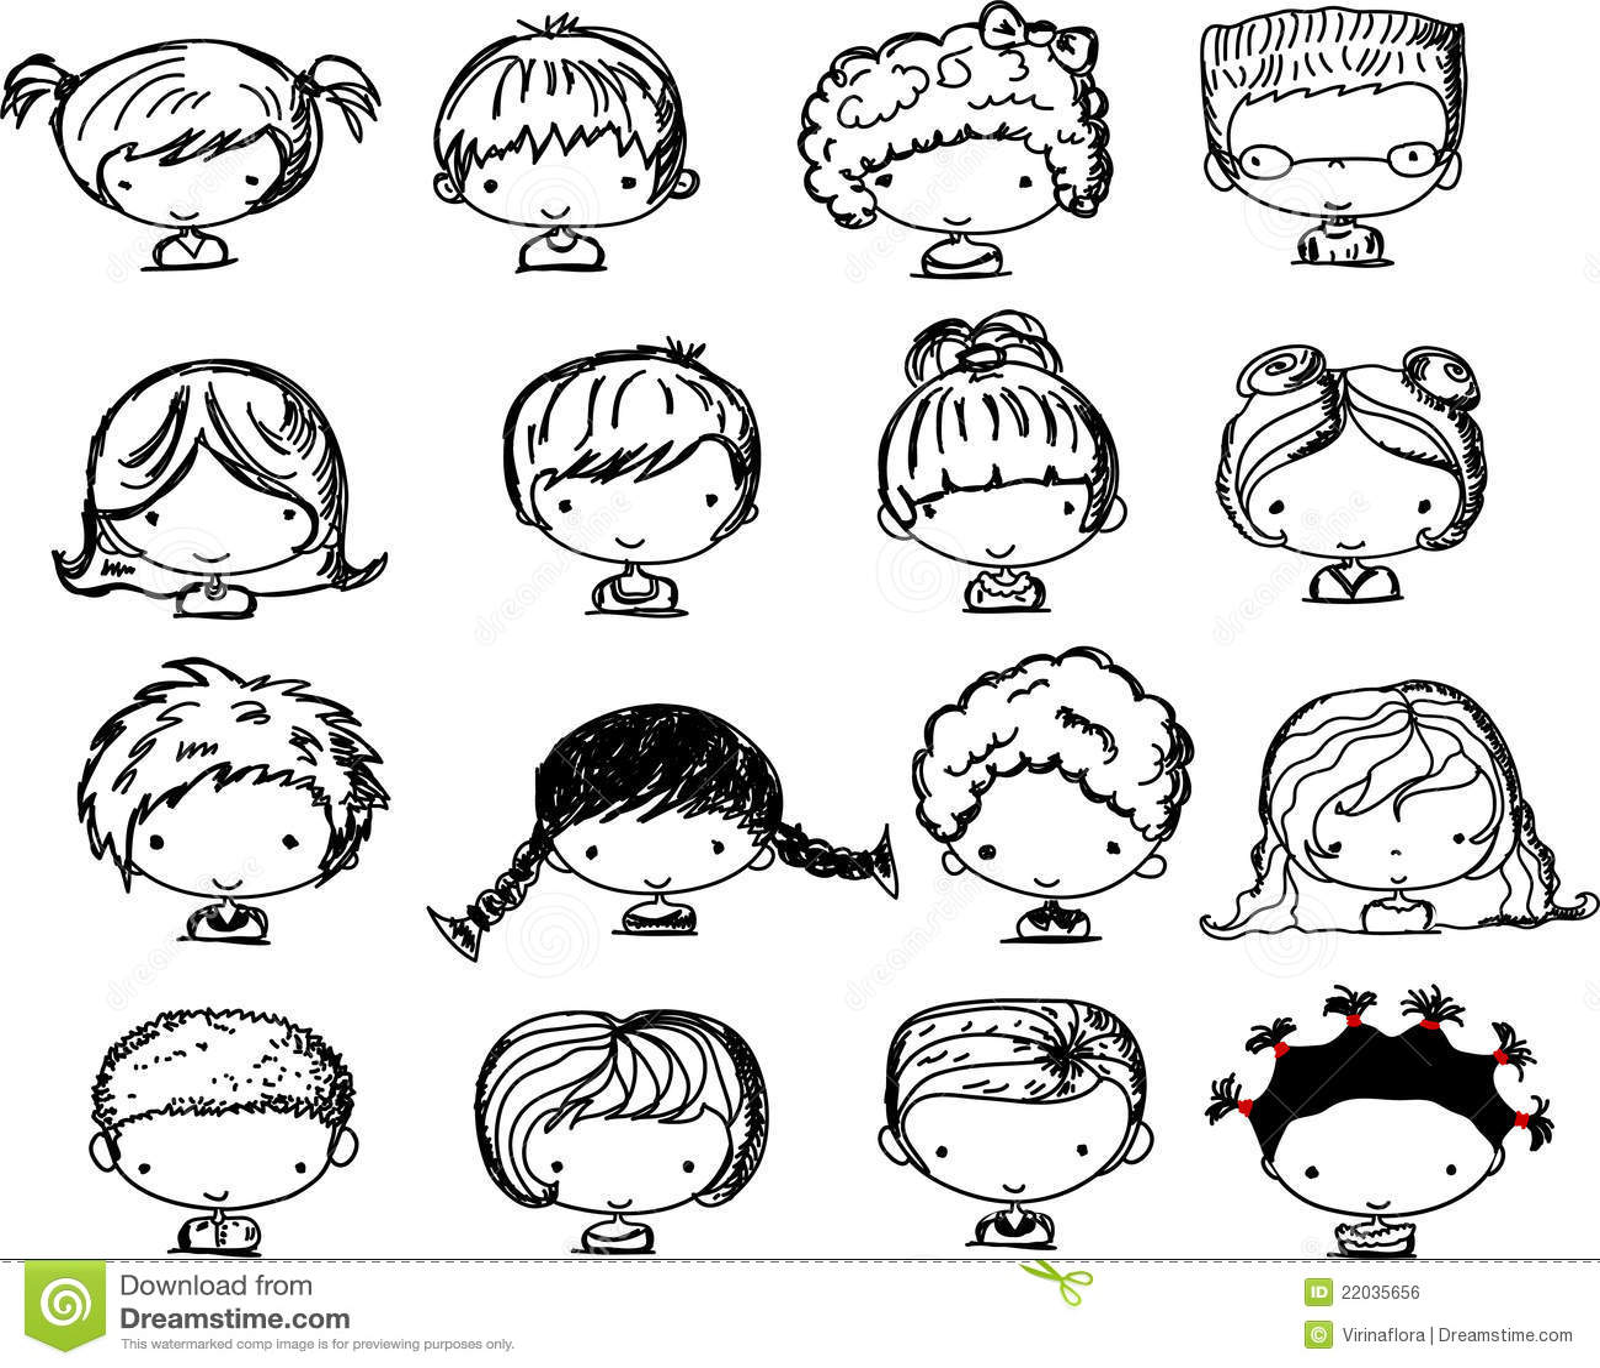 Visages de dessin anim des enfants vecteur image libre - Image dessin enfant ...